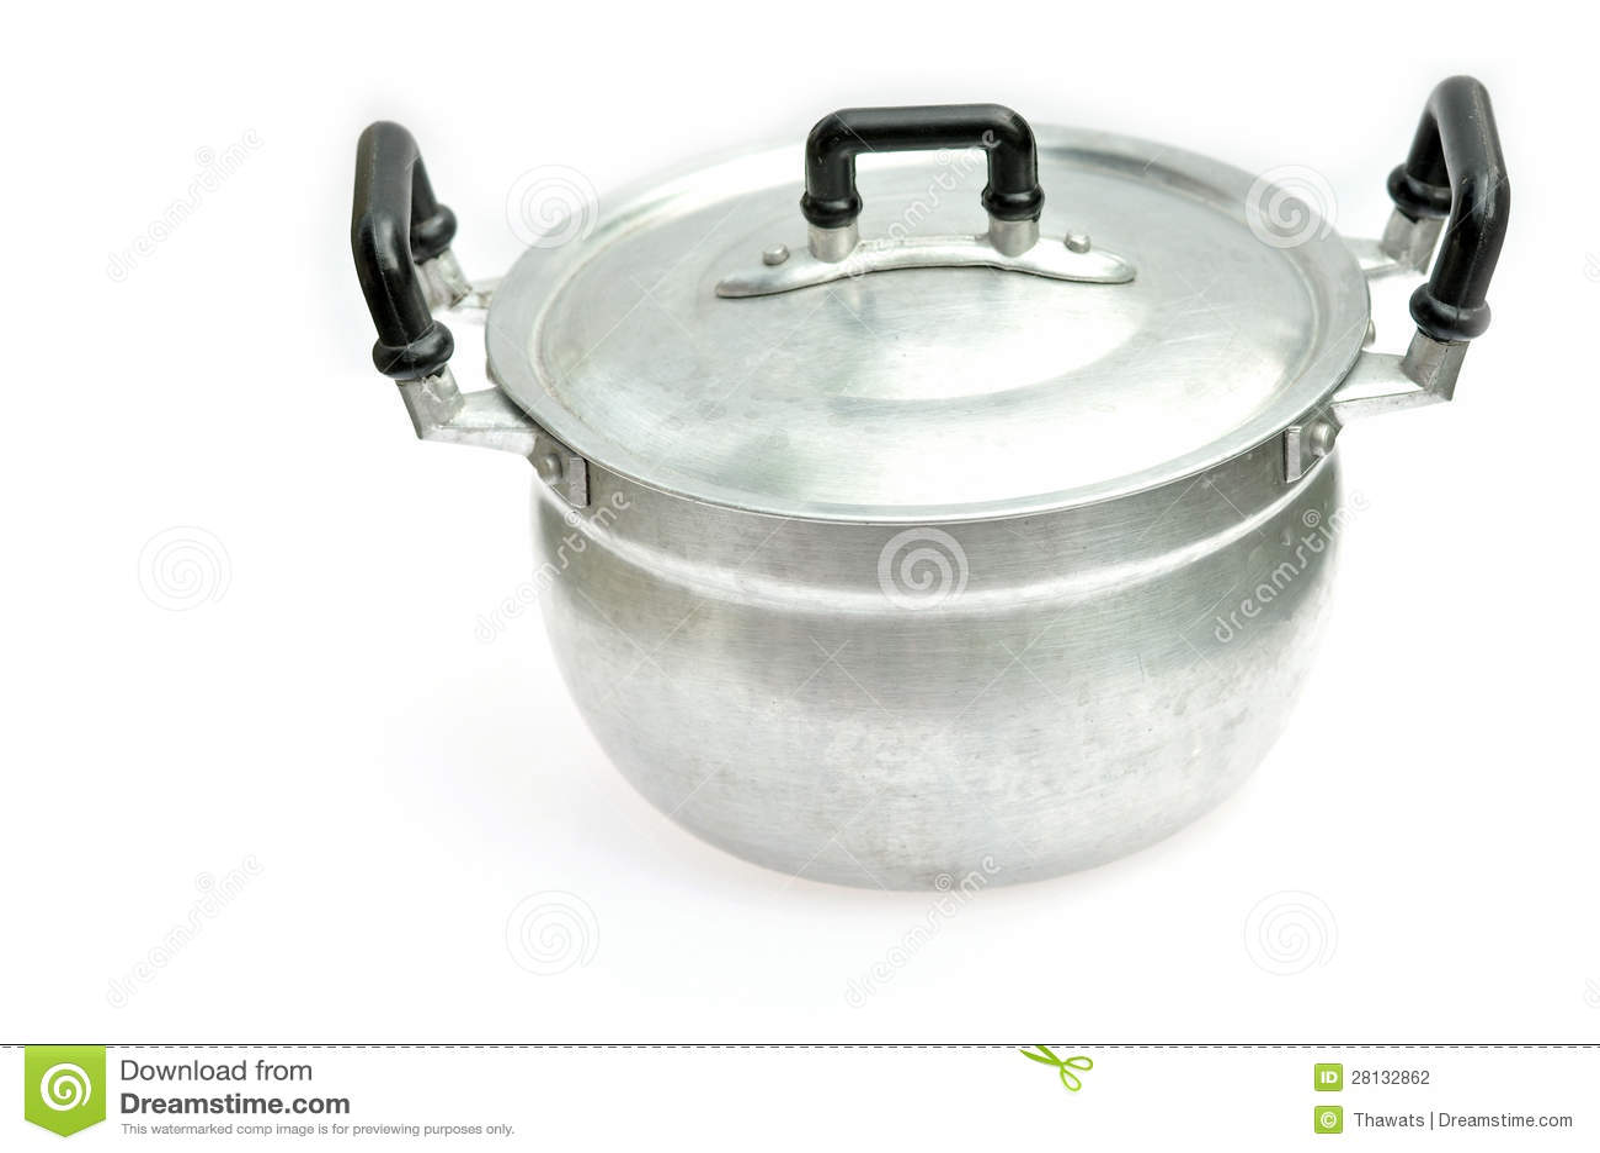 That kitchenware love